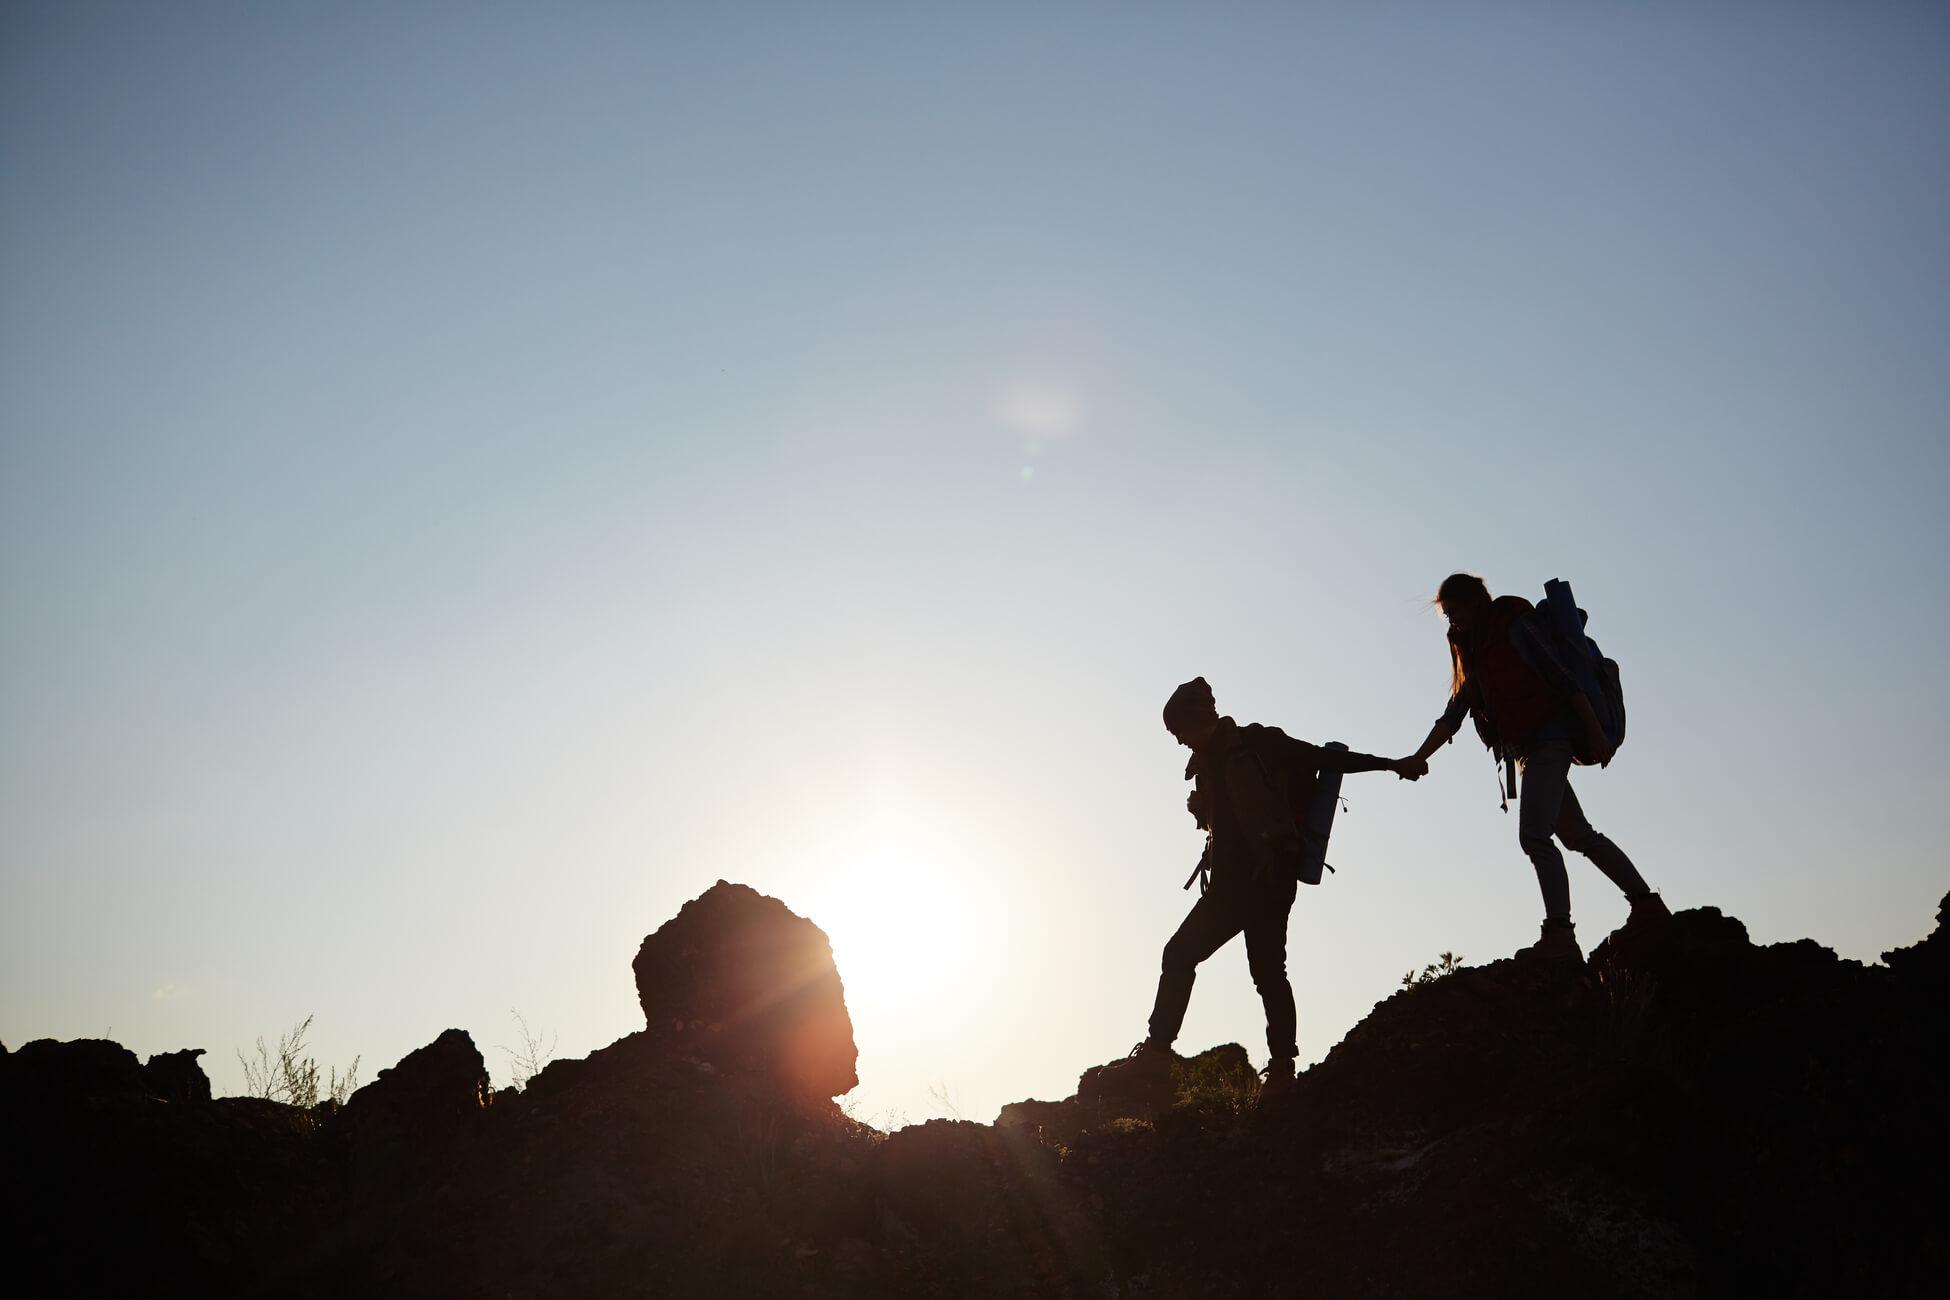 Hiking - Canon Academy Landschaft und Reise